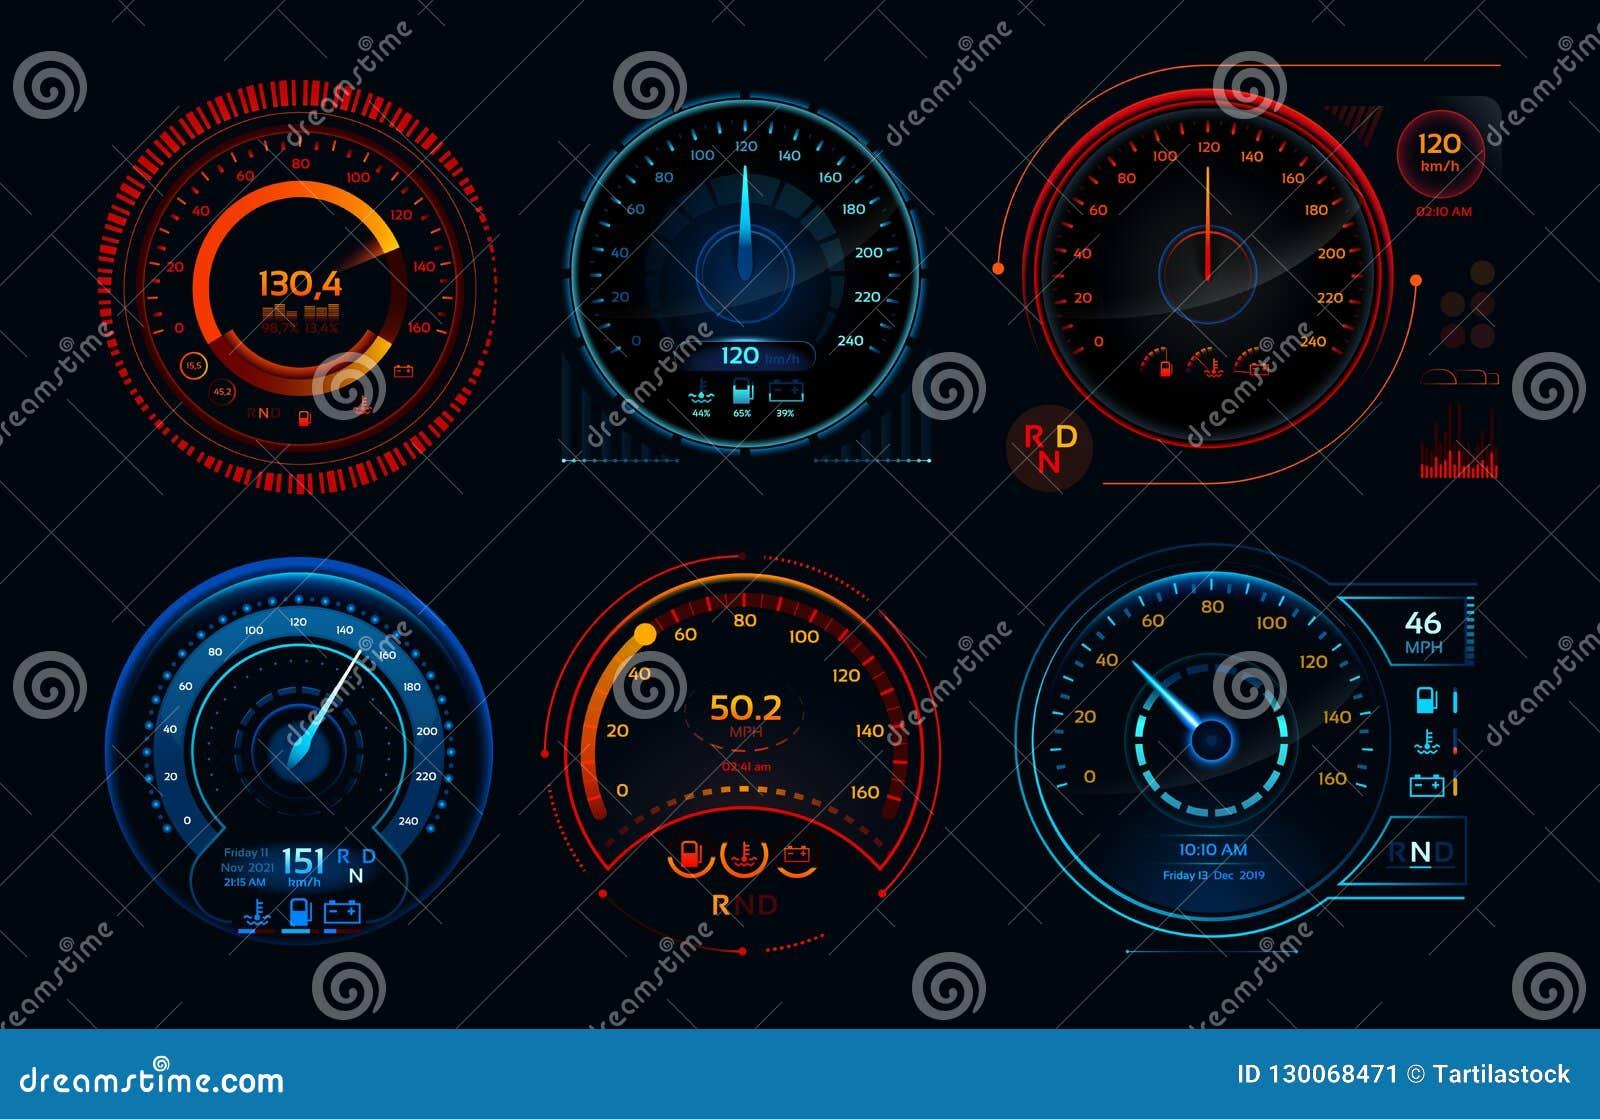 Φουτουριστικό ταχύμετρο αυτοκινήτων Αναλογικές επιτροπές επιπέδων ταμπλό, αερίου και καυσίμων δεικτών απόδοσης χιλιομέτρου ταχύτη